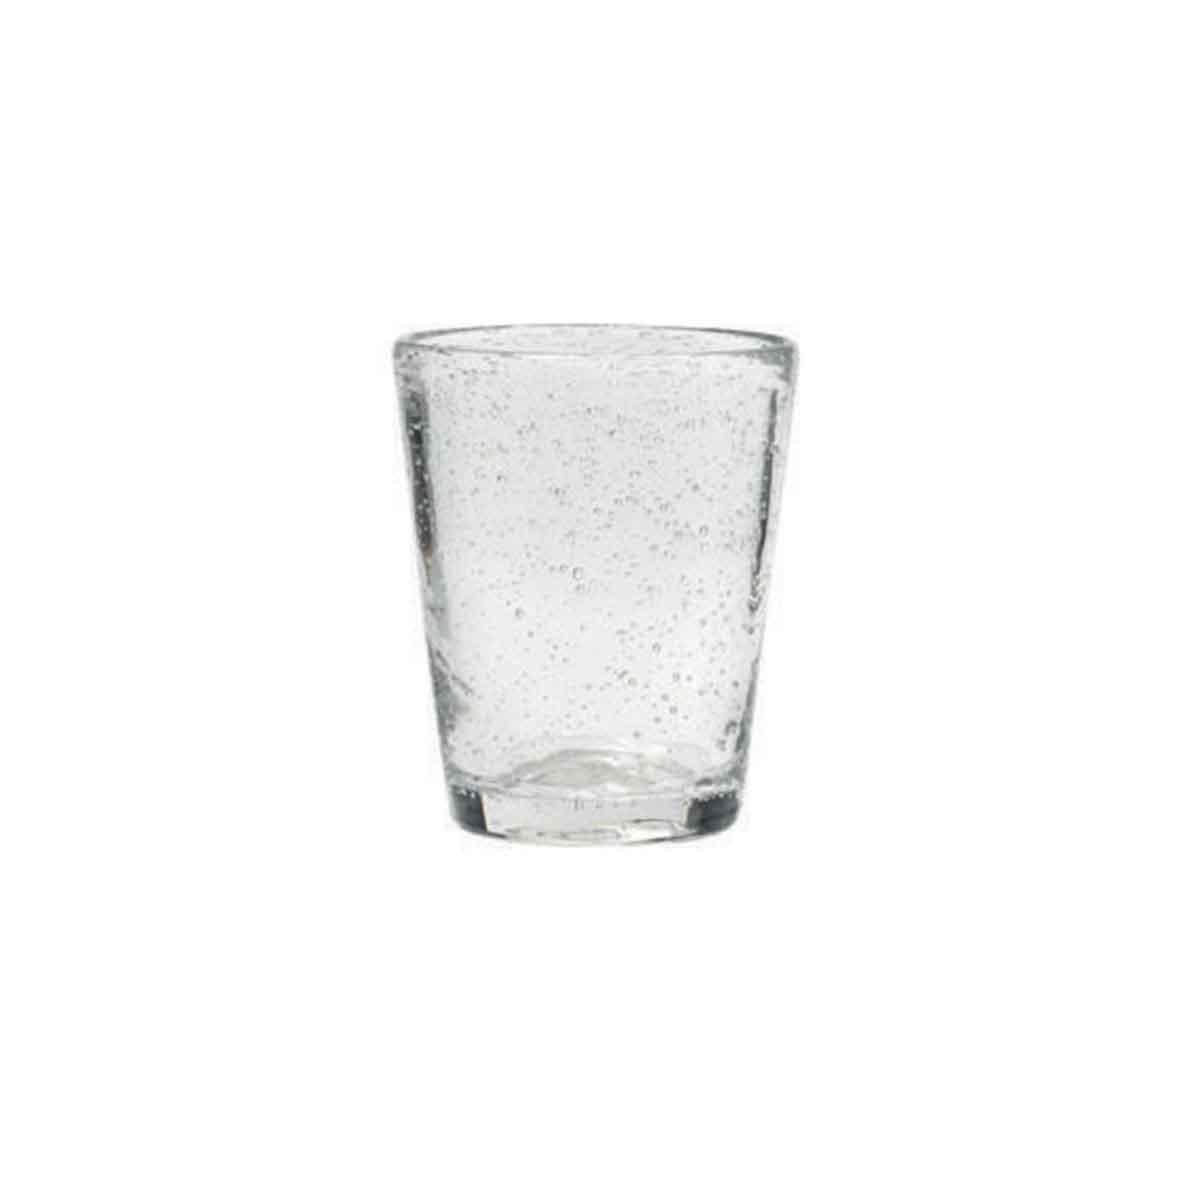 17c0405f105b Broste drikkeglas i klar glas med bobler → www.butikunik.dk